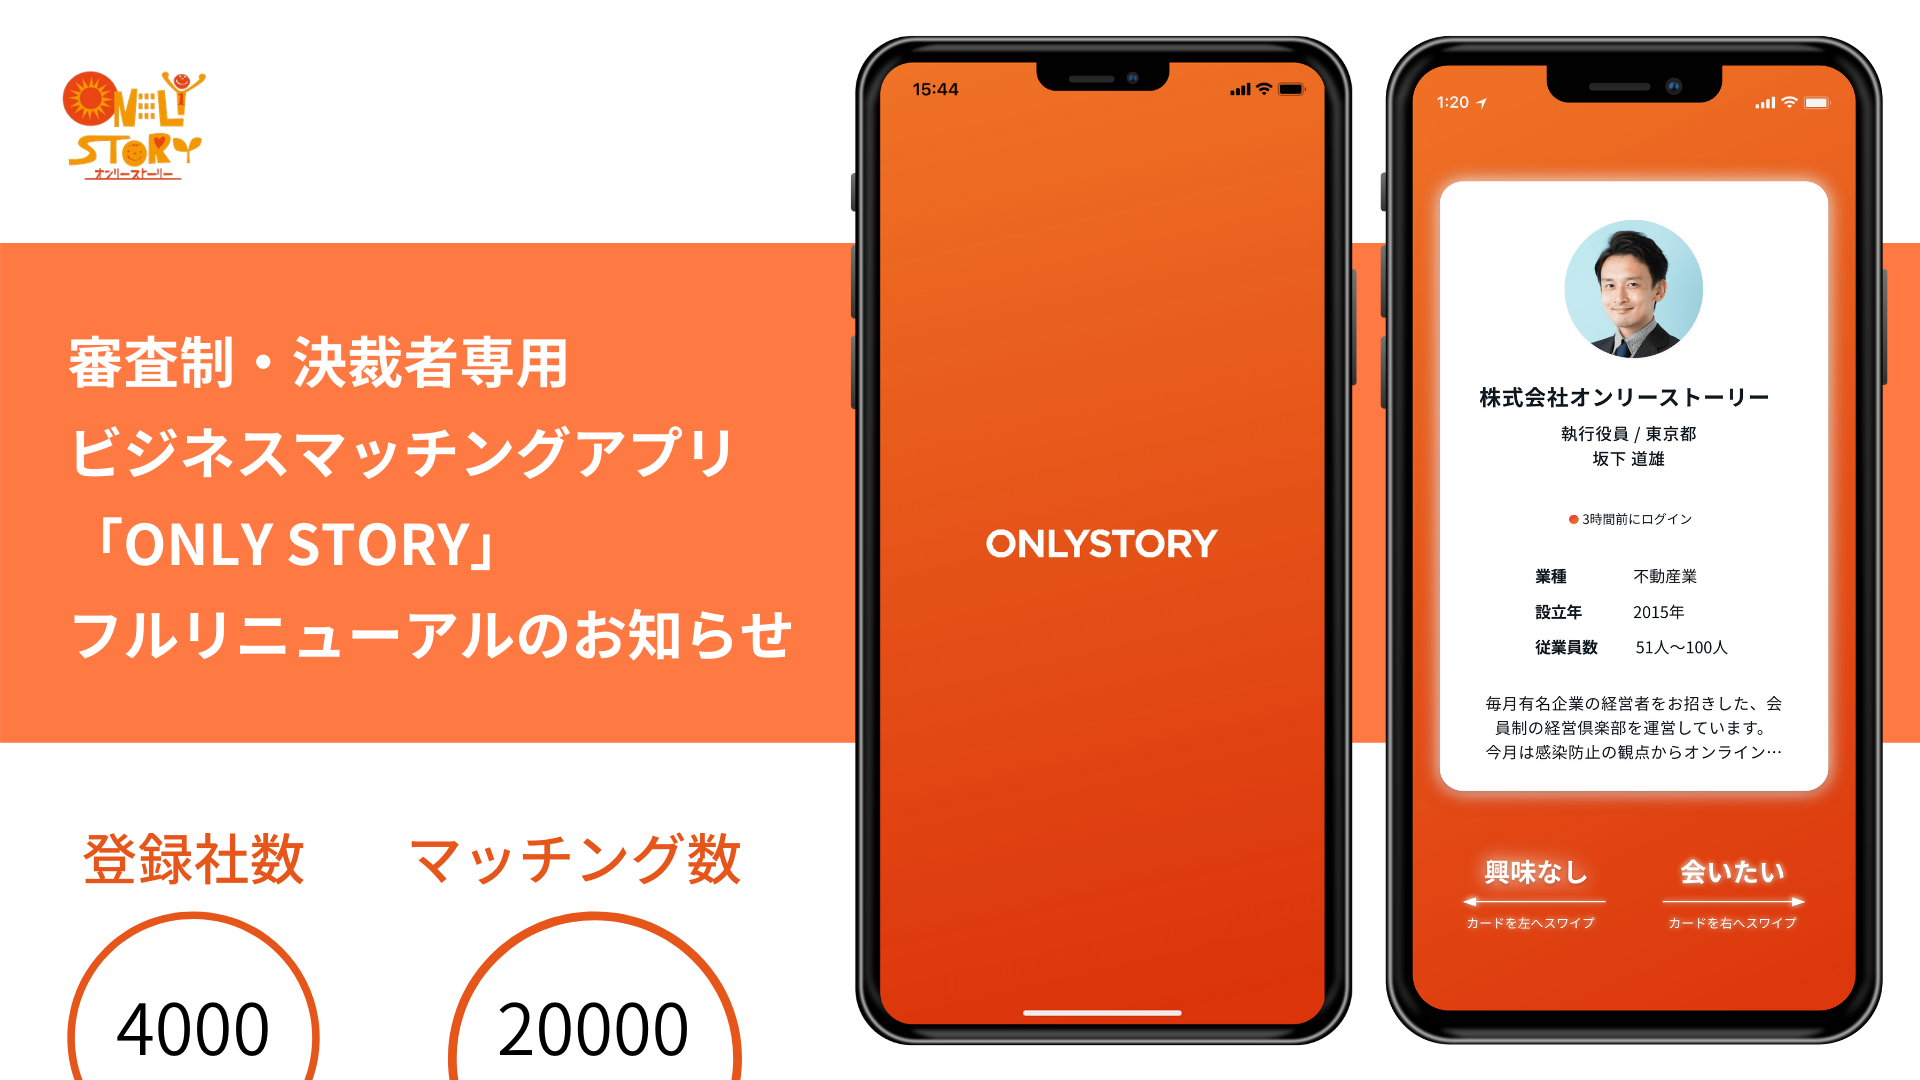 審査制・決裁者専用のビジネスマッチングアプリ「ONLY STORY」をフルリニューアル。α版ユーザーの声をもとにUI UXを大幅に刷新。